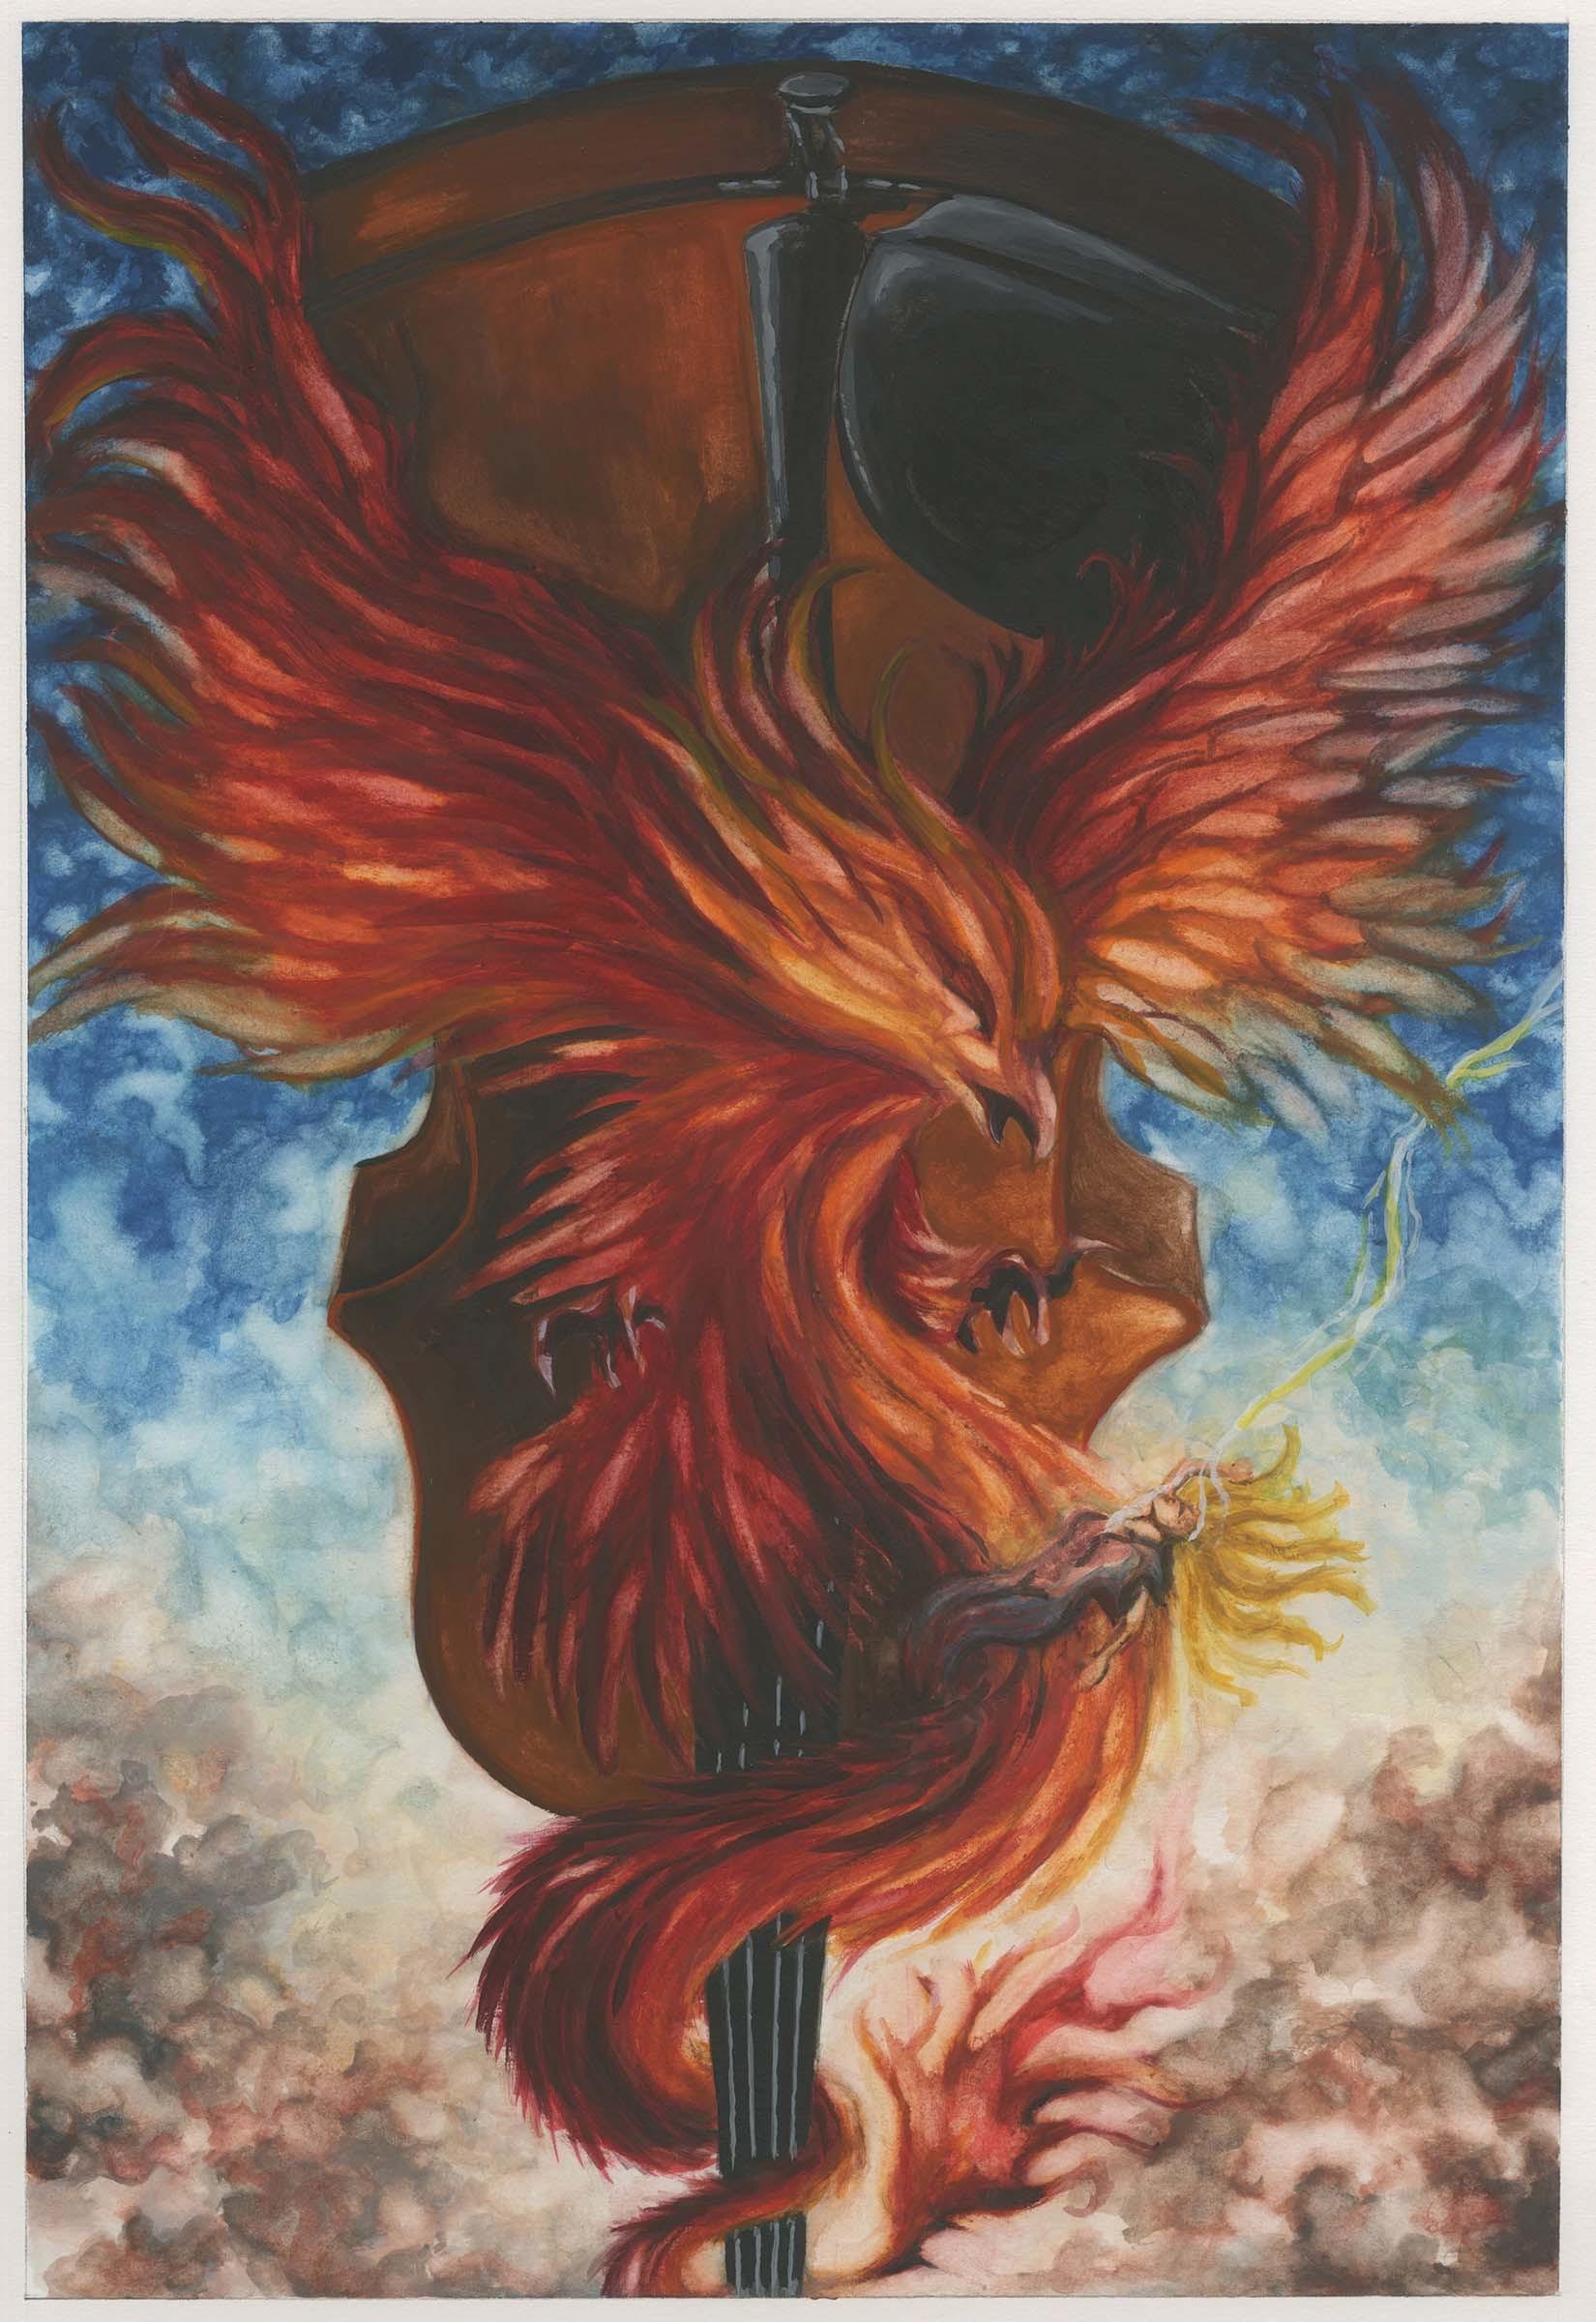 Semele student artwork from MassArt, Jimenez